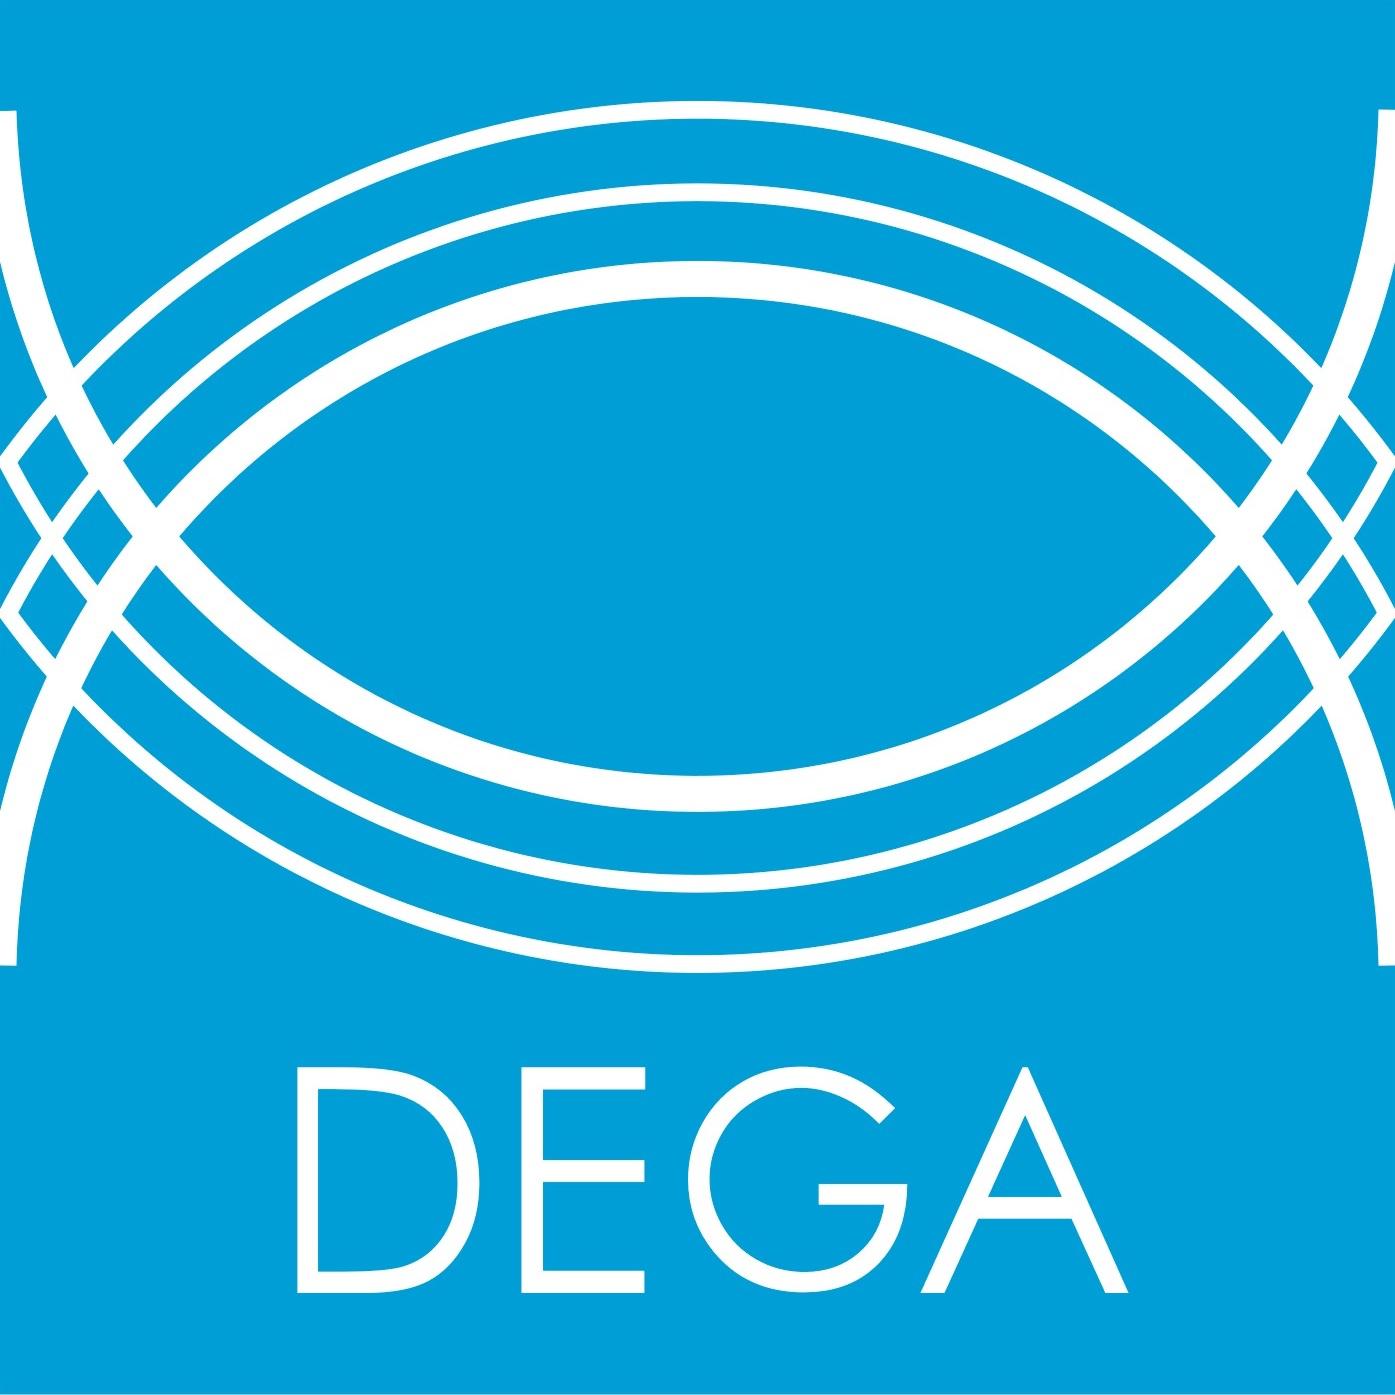 Zeigt das Logo der Deutschen Gesellschaft für Akustik, kurz Dega.